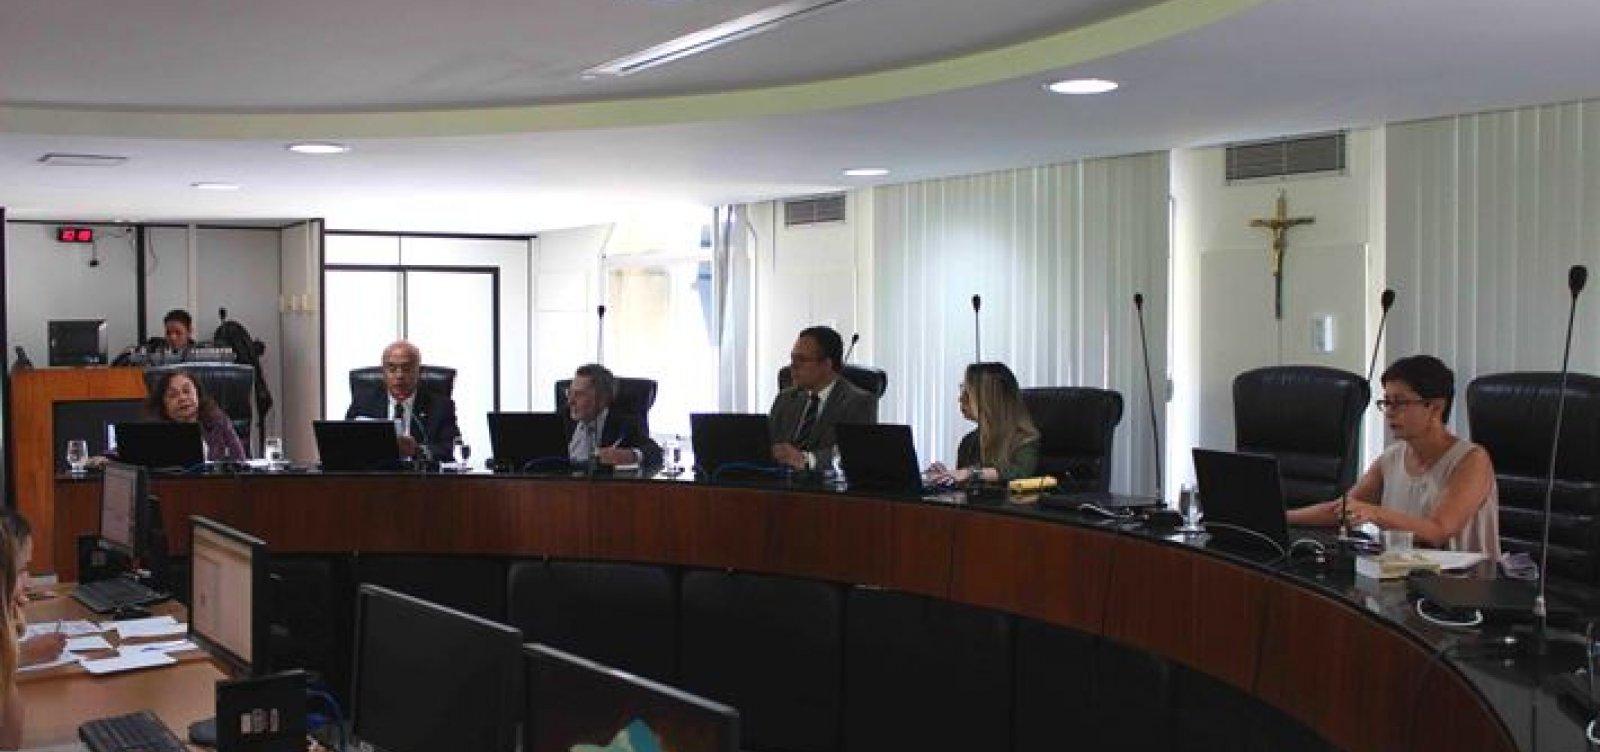 Ex-titular da Setur, Pelegrino é multado por irregularidades em convênio pelo TCE